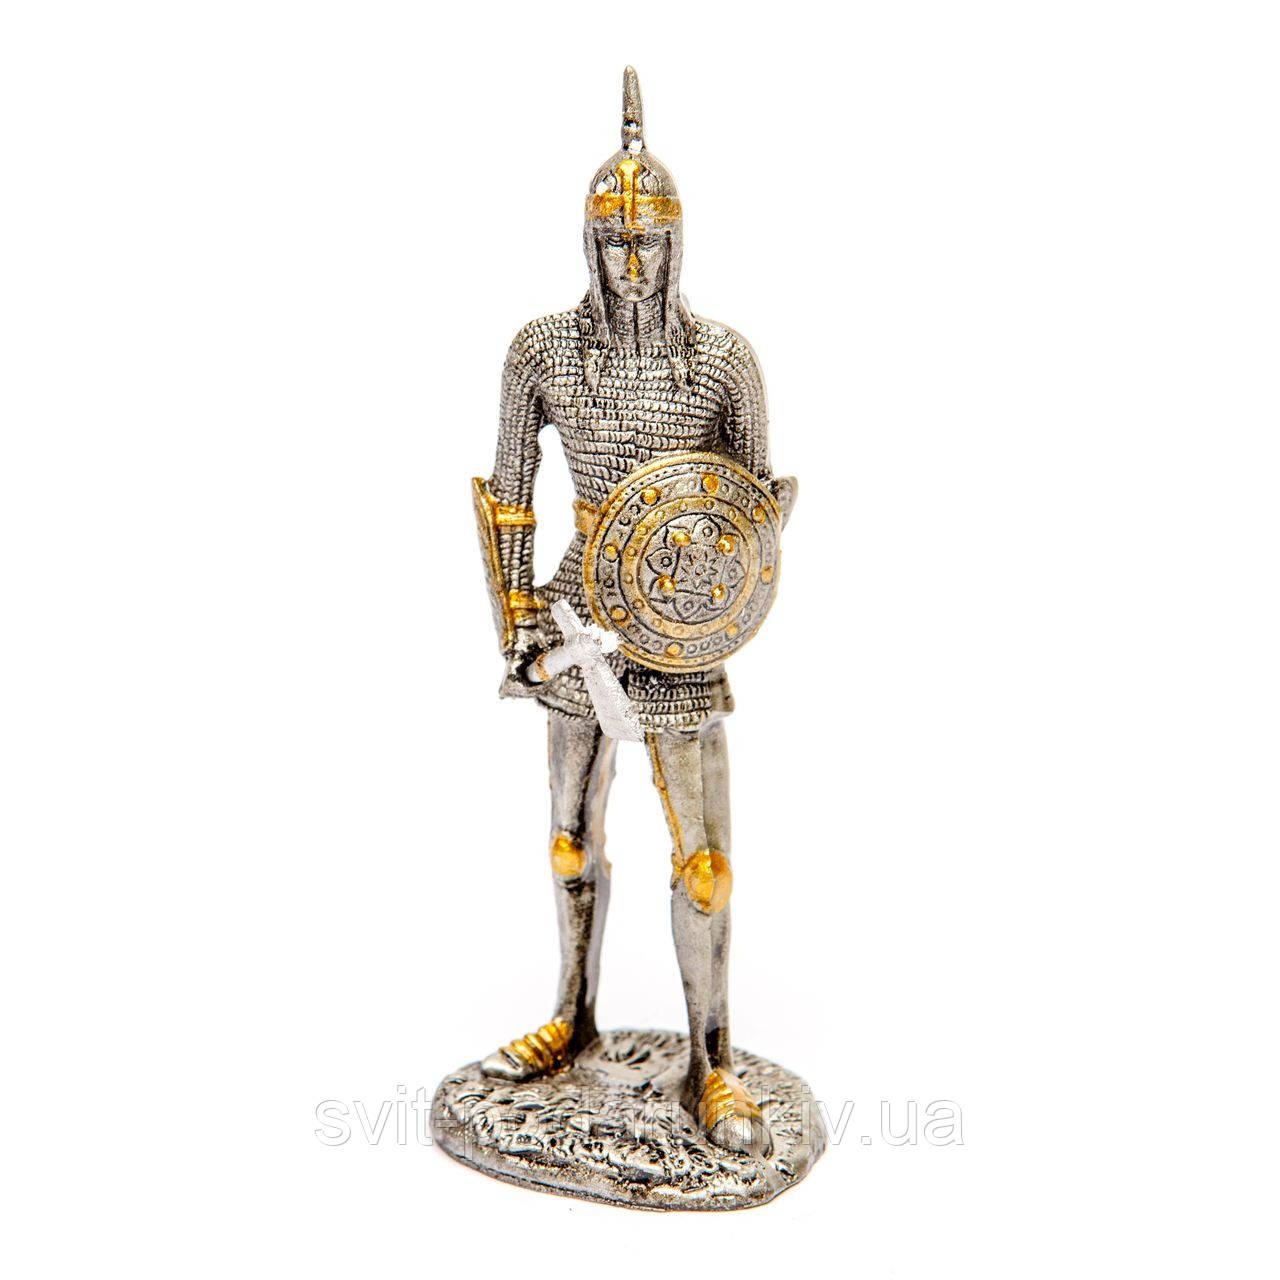 Статуэтка рыцаря средневековья HHSF012